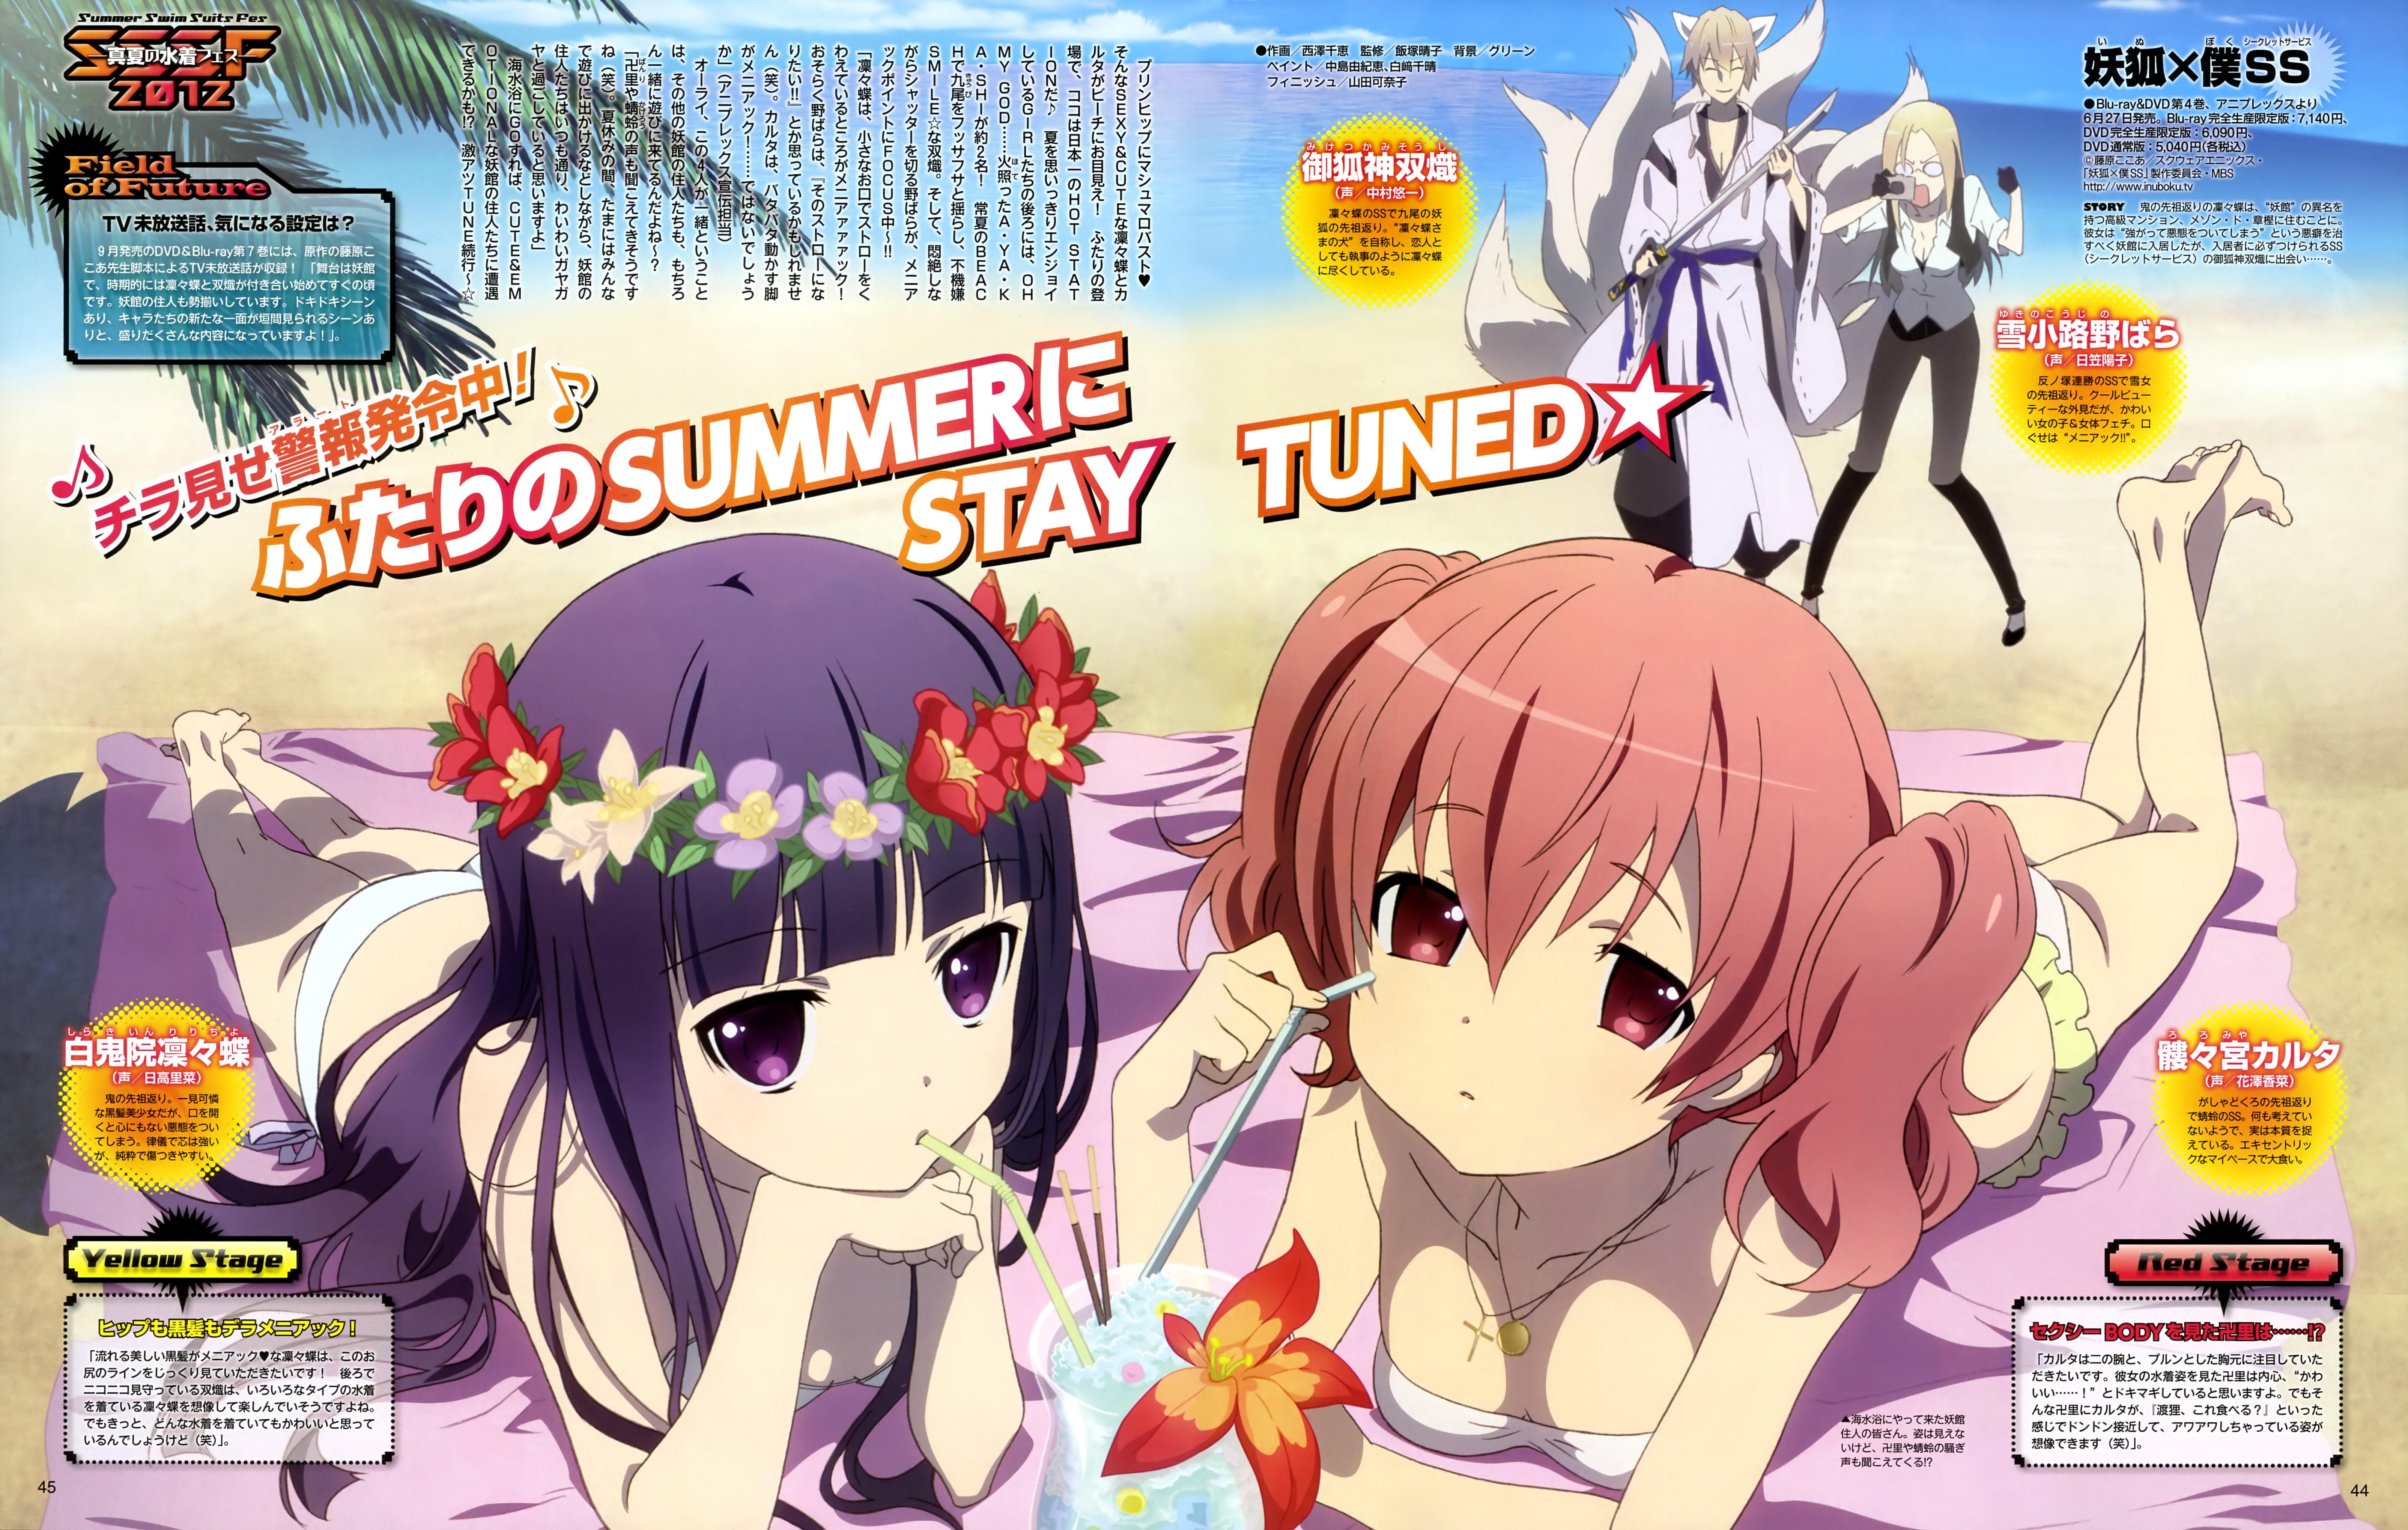 Inu x Boku SS Image #1007611 - Zerochan Anime Image Board